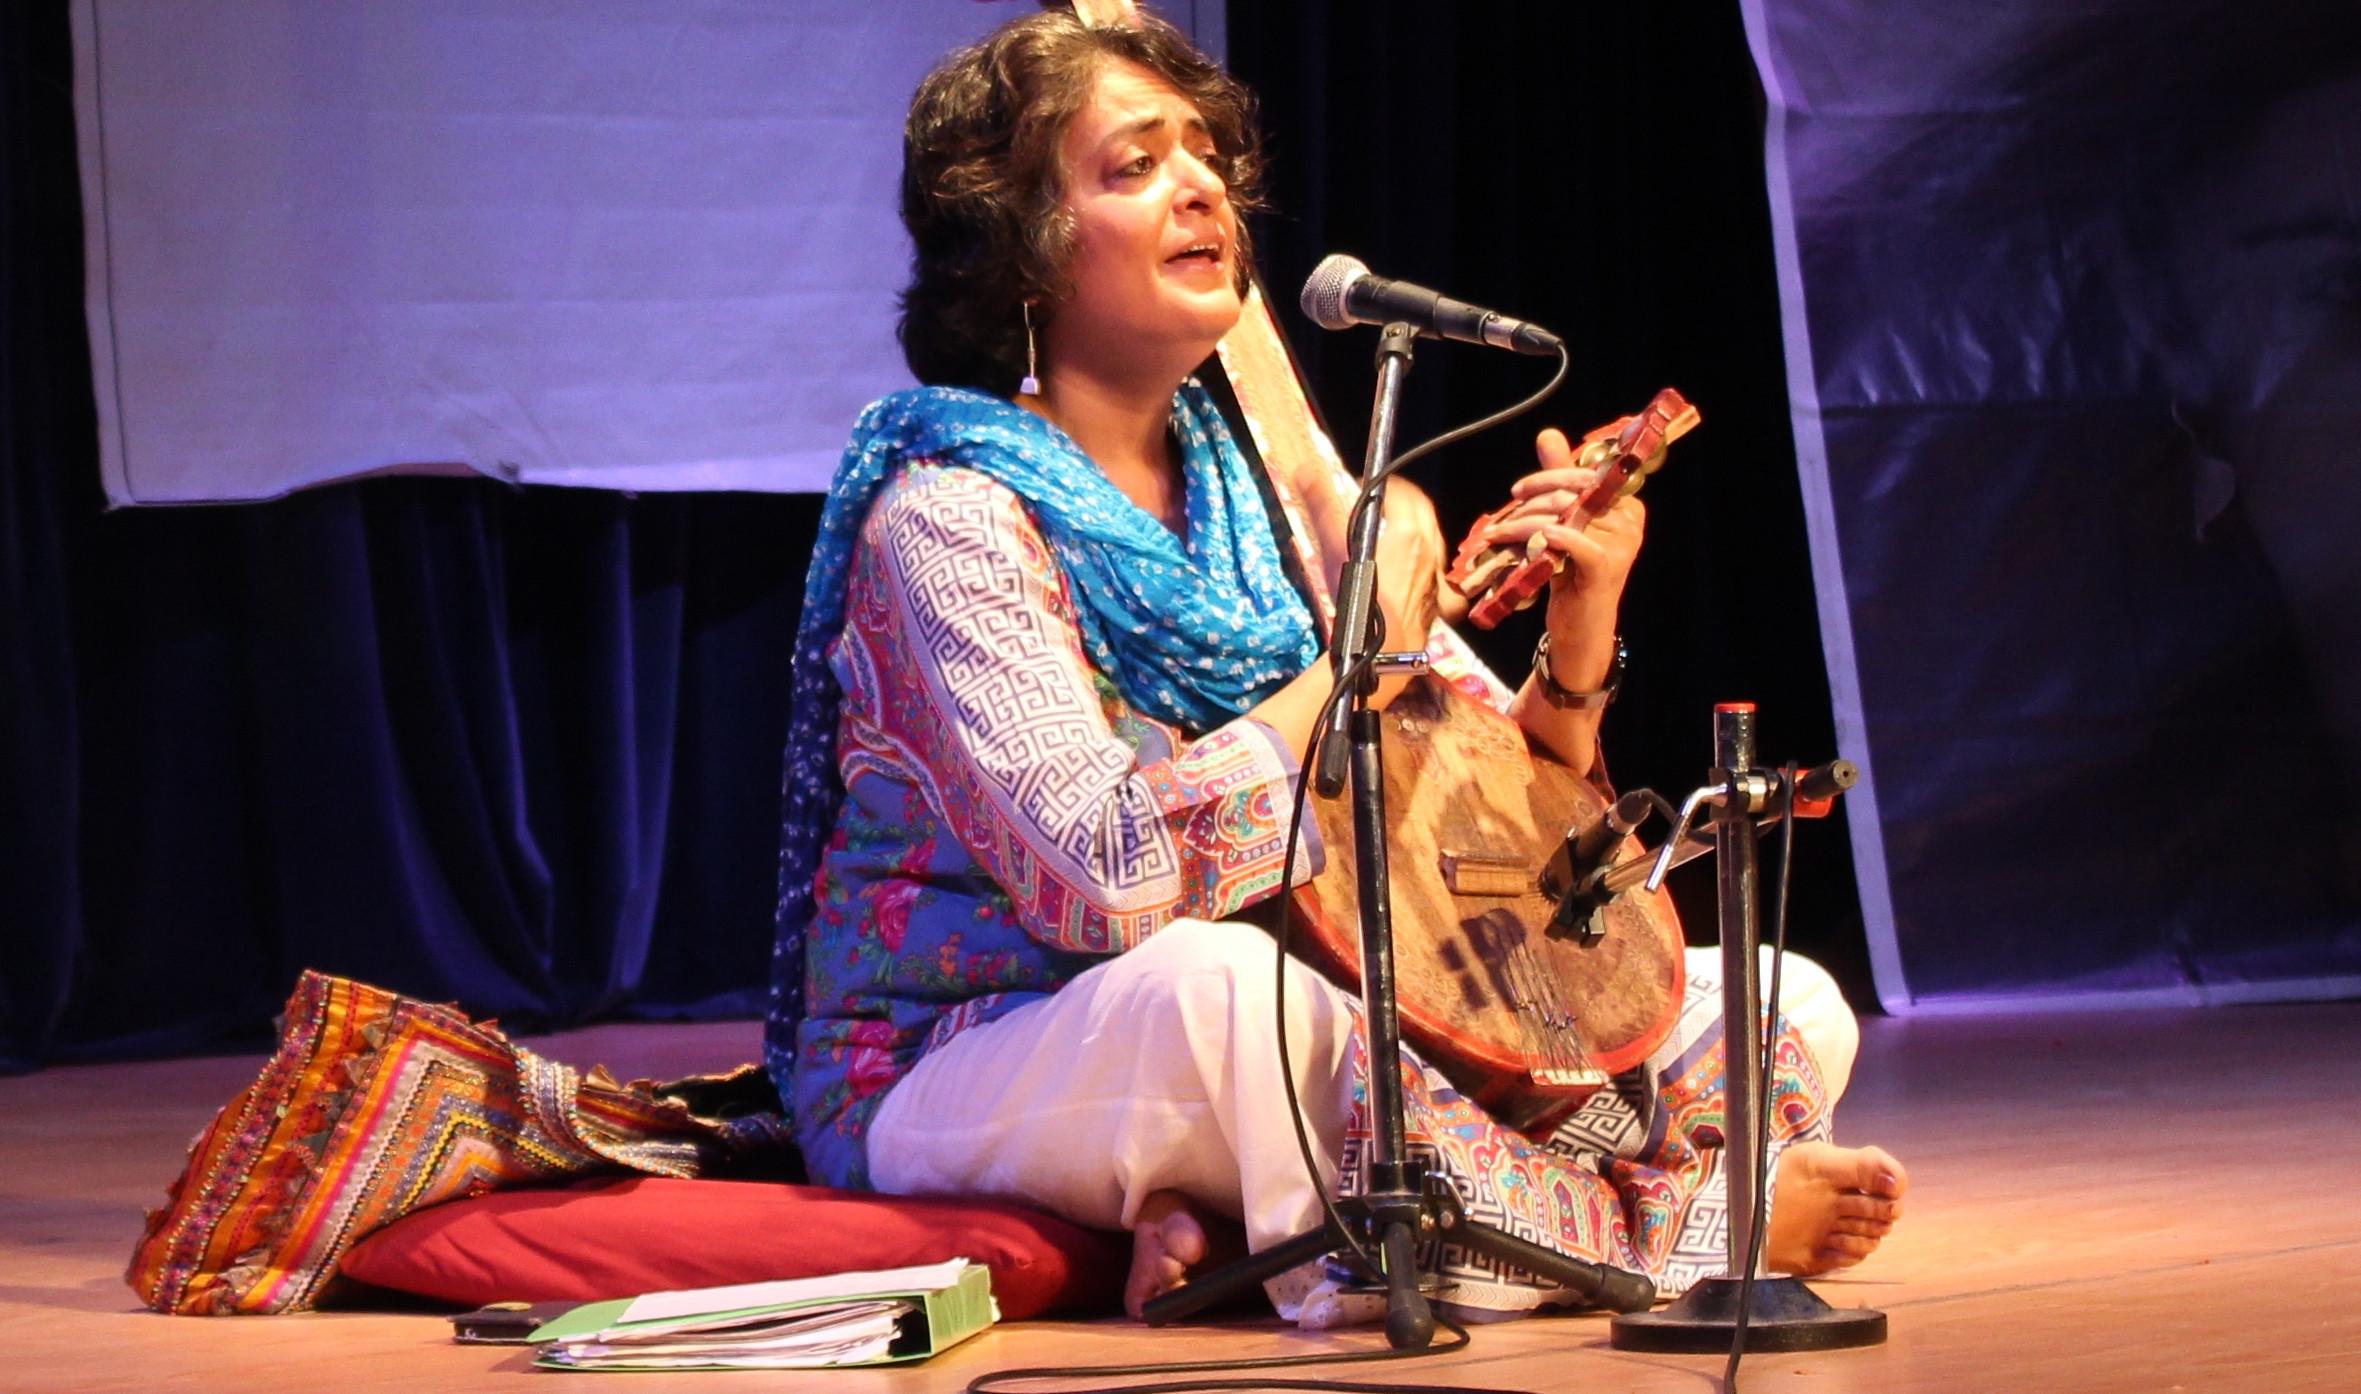 सुफी गायिका सबनम विरमानी। तस्बिर सौजन्यः सृष्टि जयना